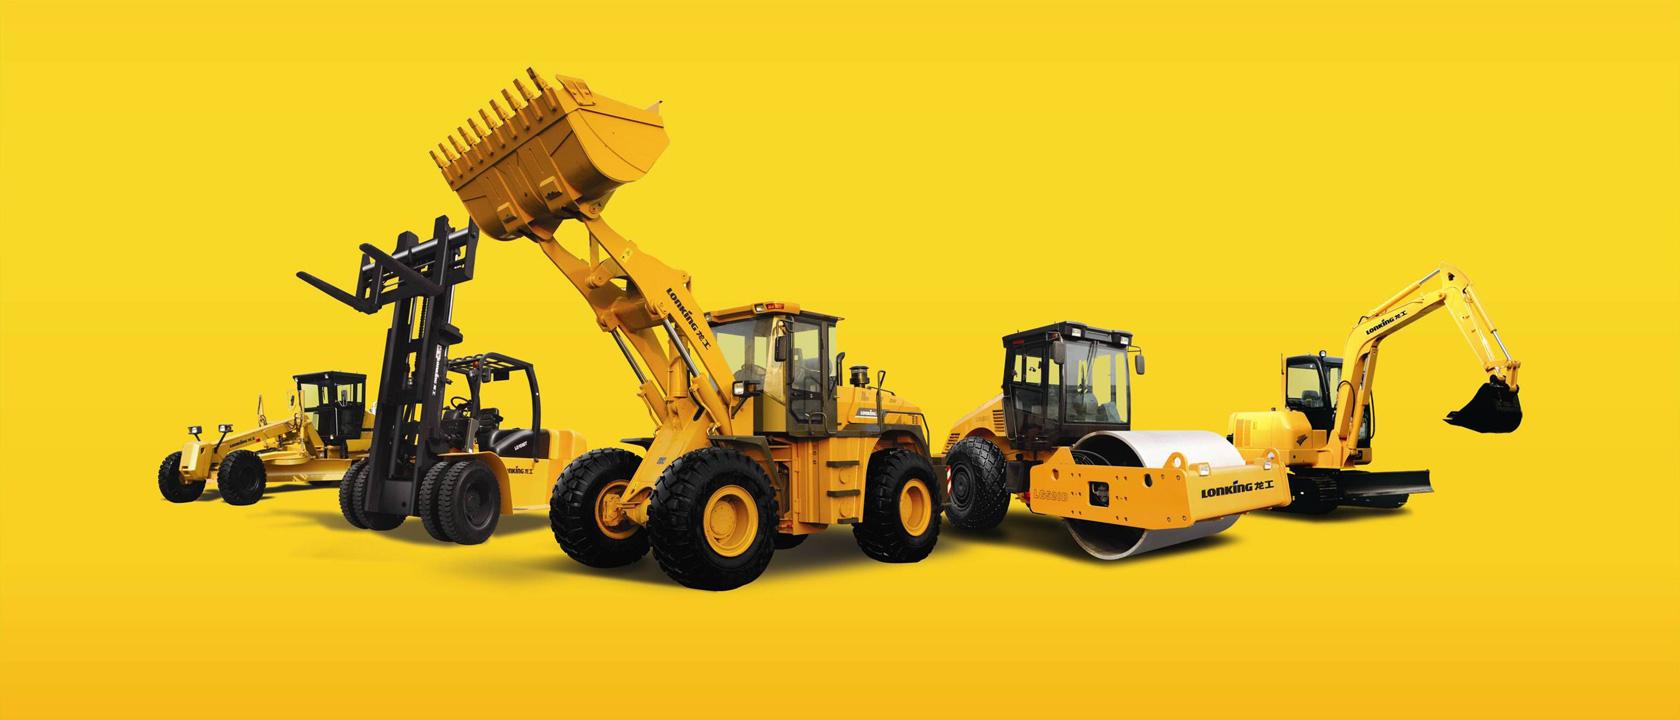 Диагностическое оборудование для грузовой и сельскохозяйственной техники